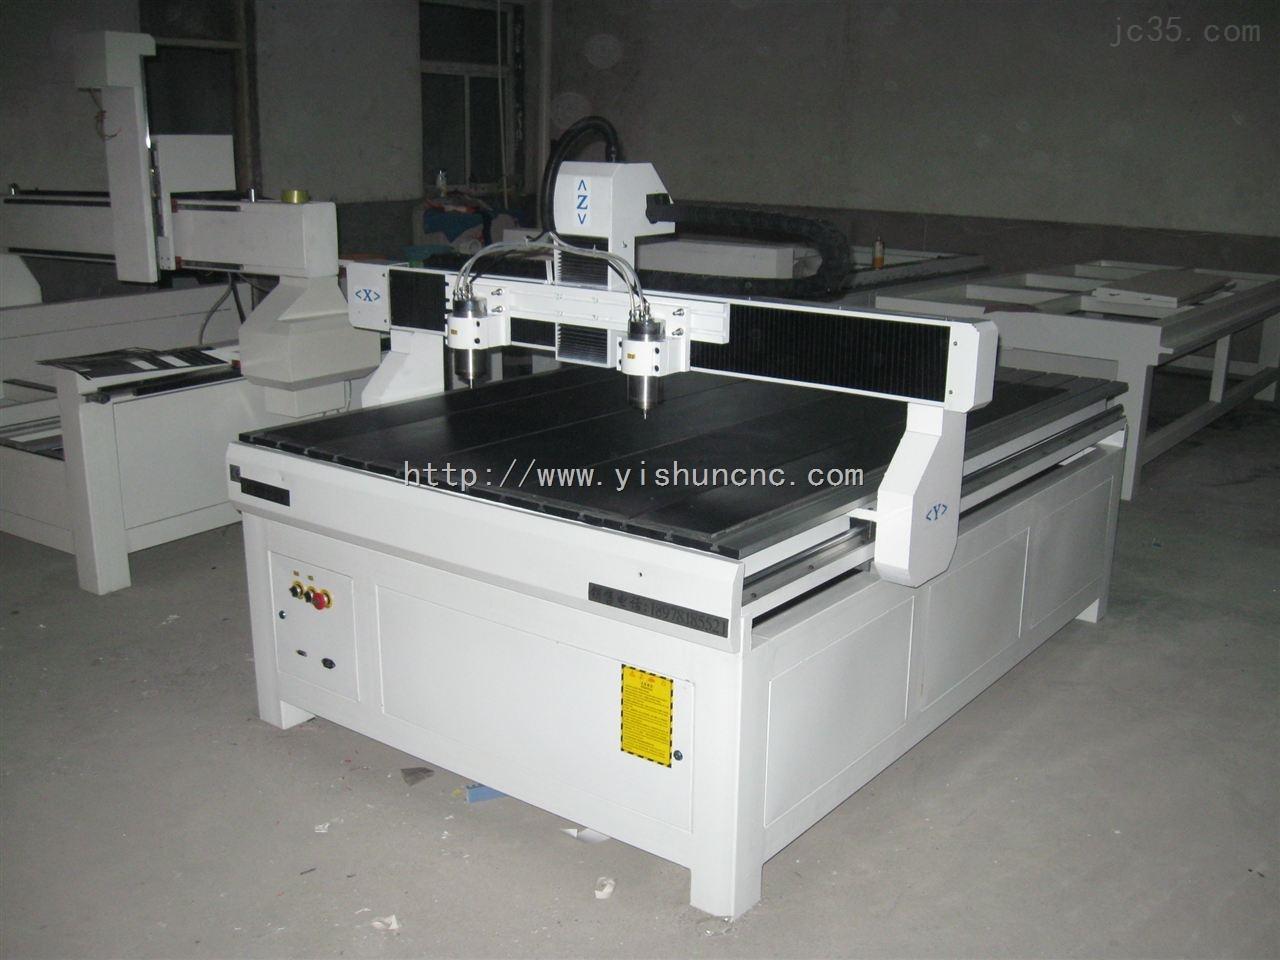 济南YS-1325木工雕刻机